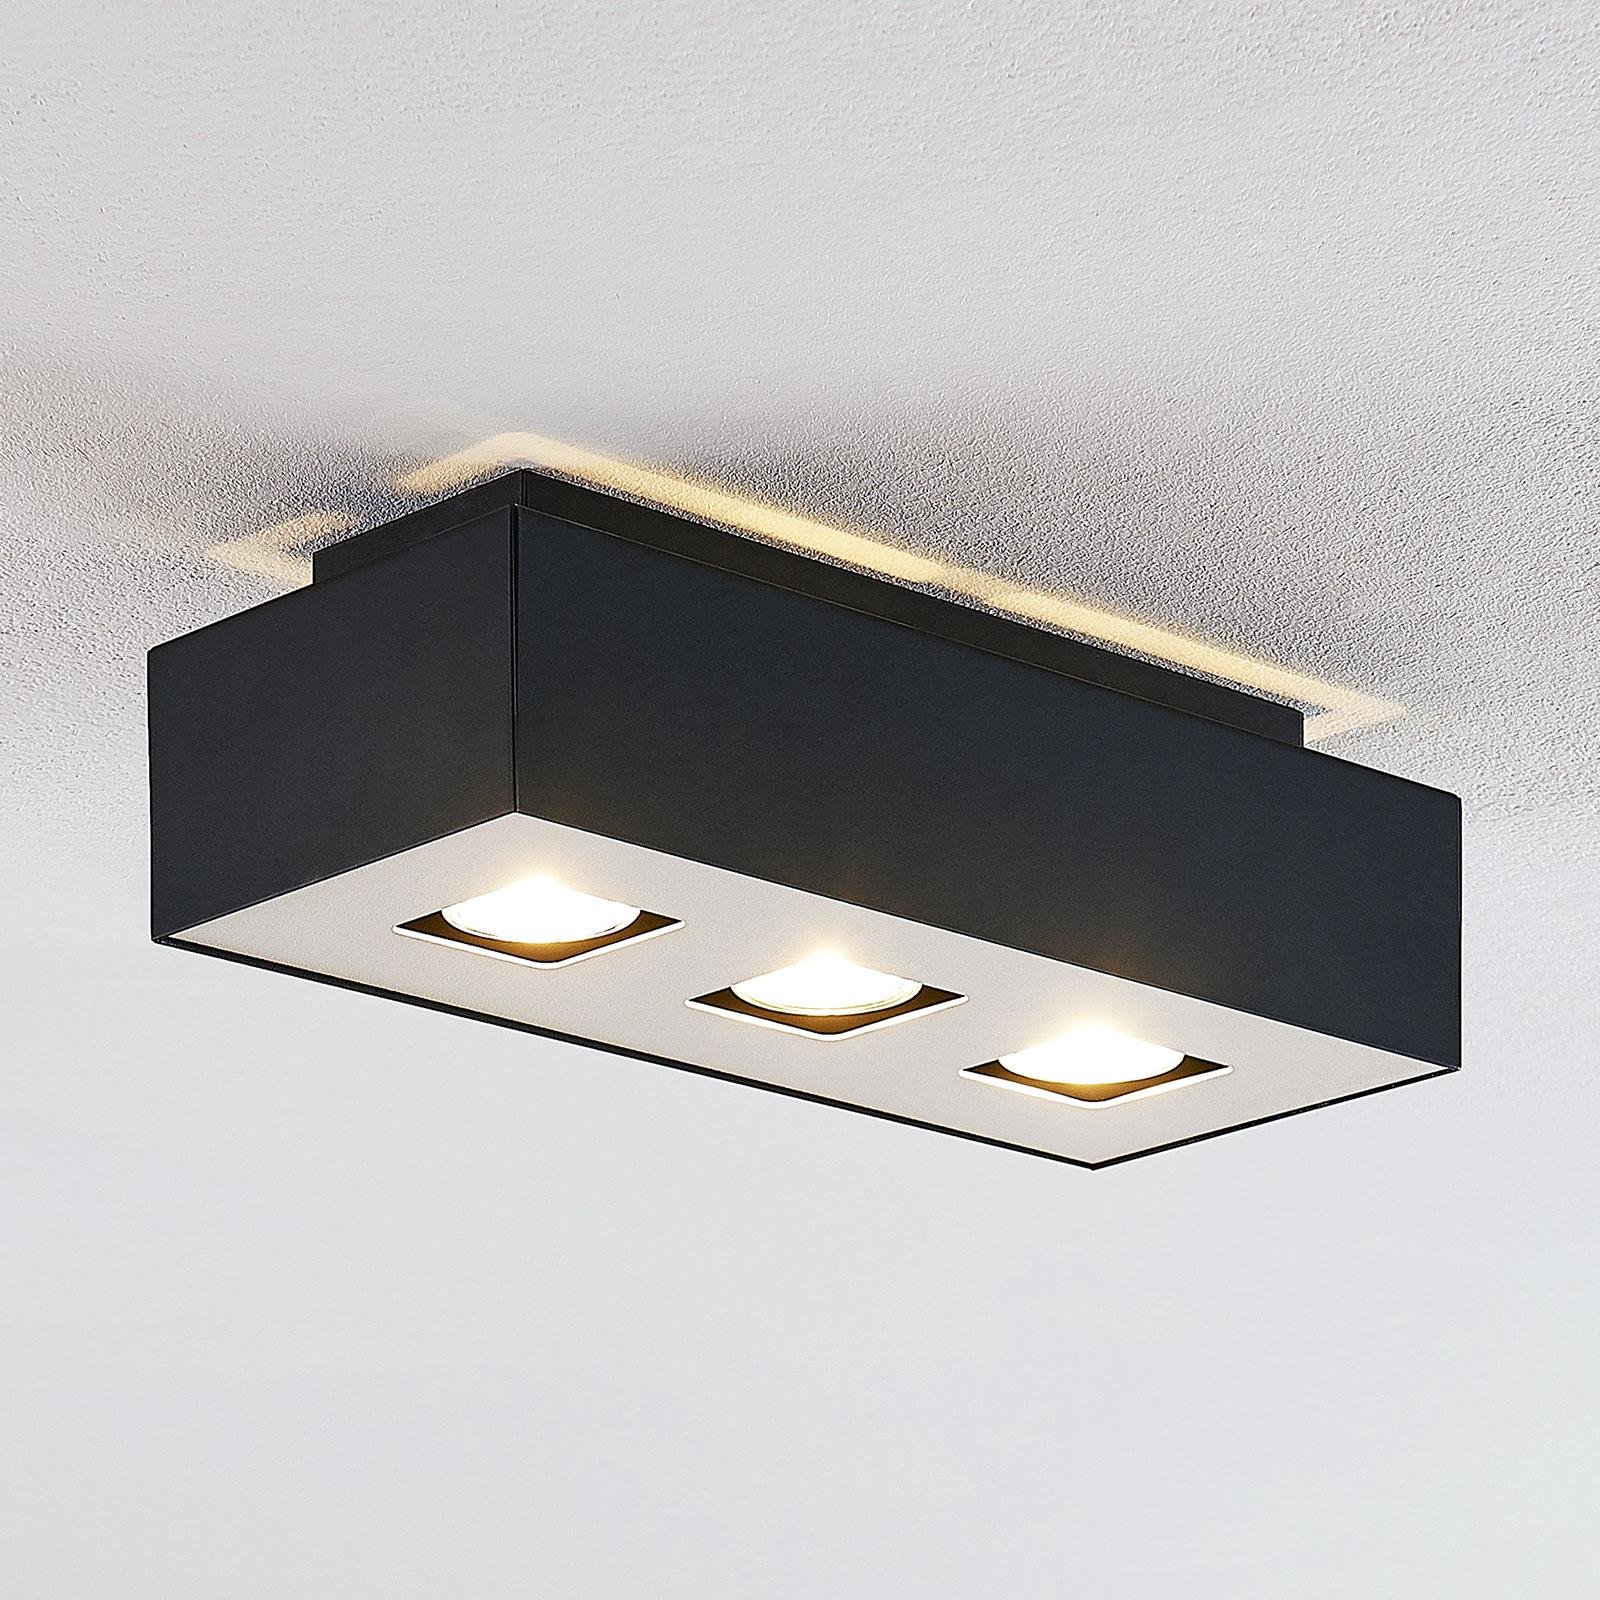 Lindby Kasi lampa sufitowa, 3-punktowa, 34 x 14 cm